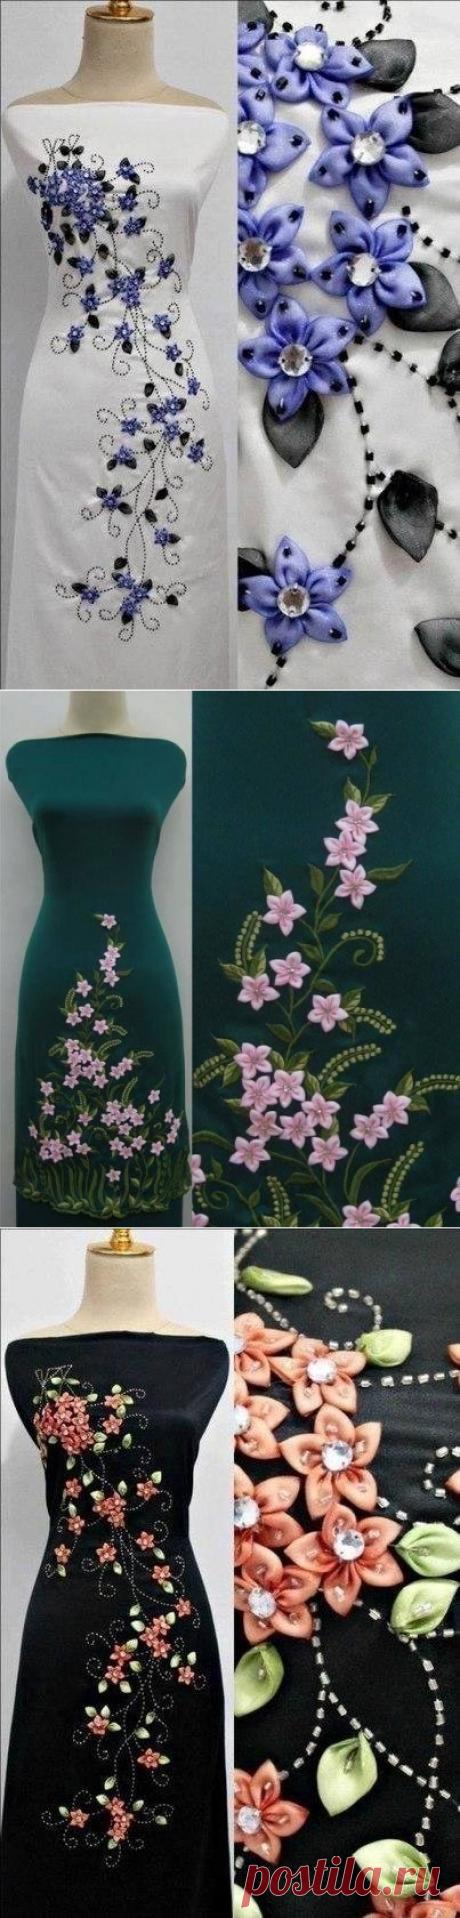 Декорируем платье лентами. Ну как вам?